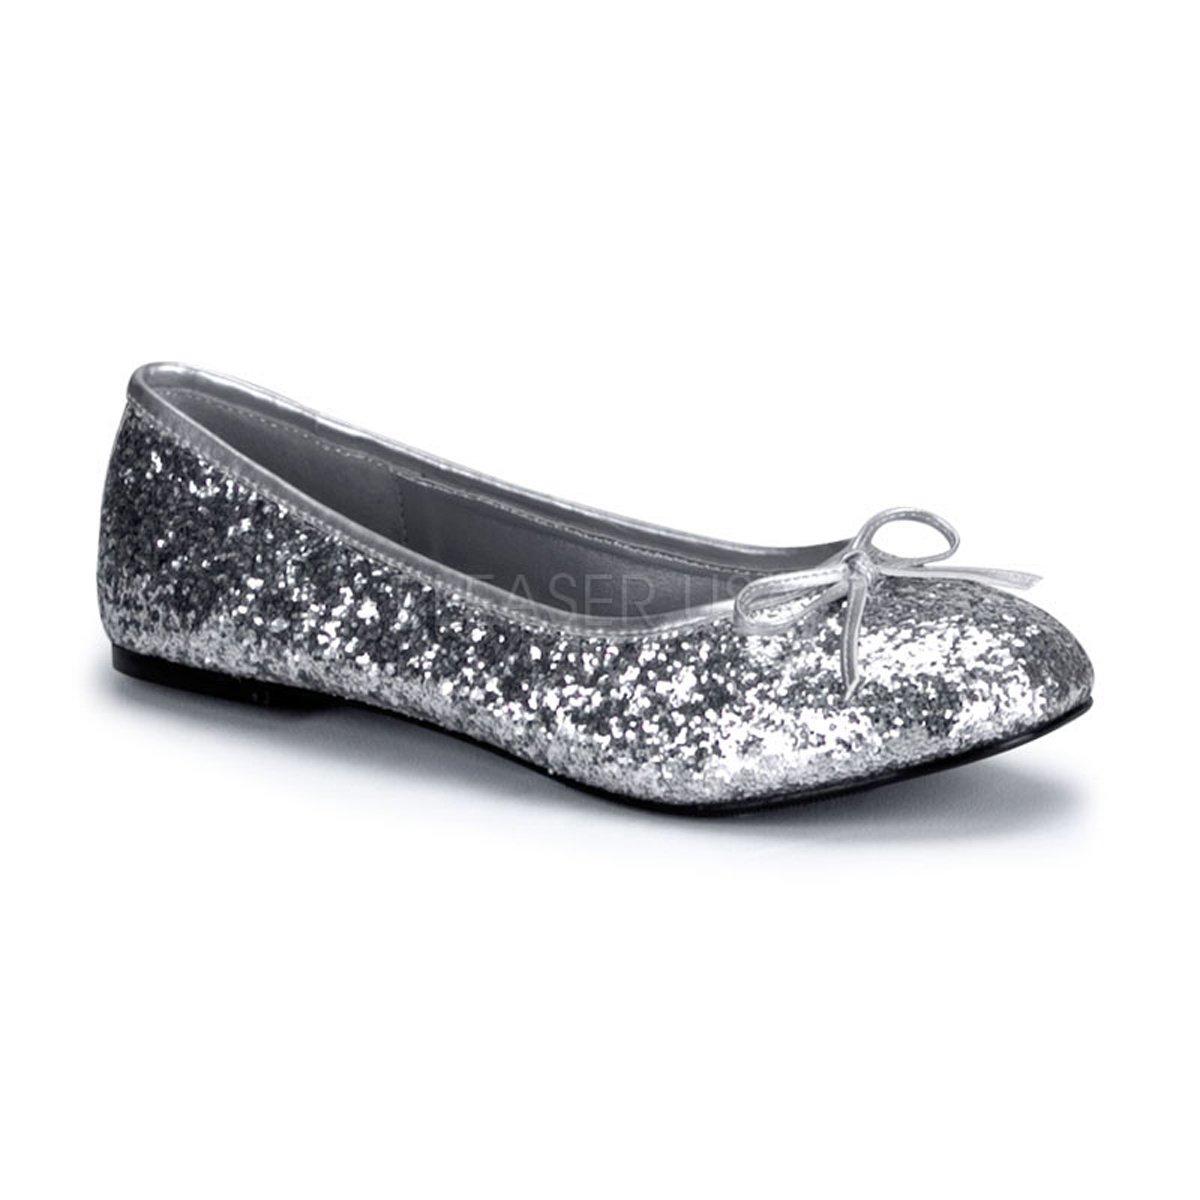 Funtasma STAR-16G womens Flats Shoes B074P9F5QW 5 B(M) US|Silver Glitter